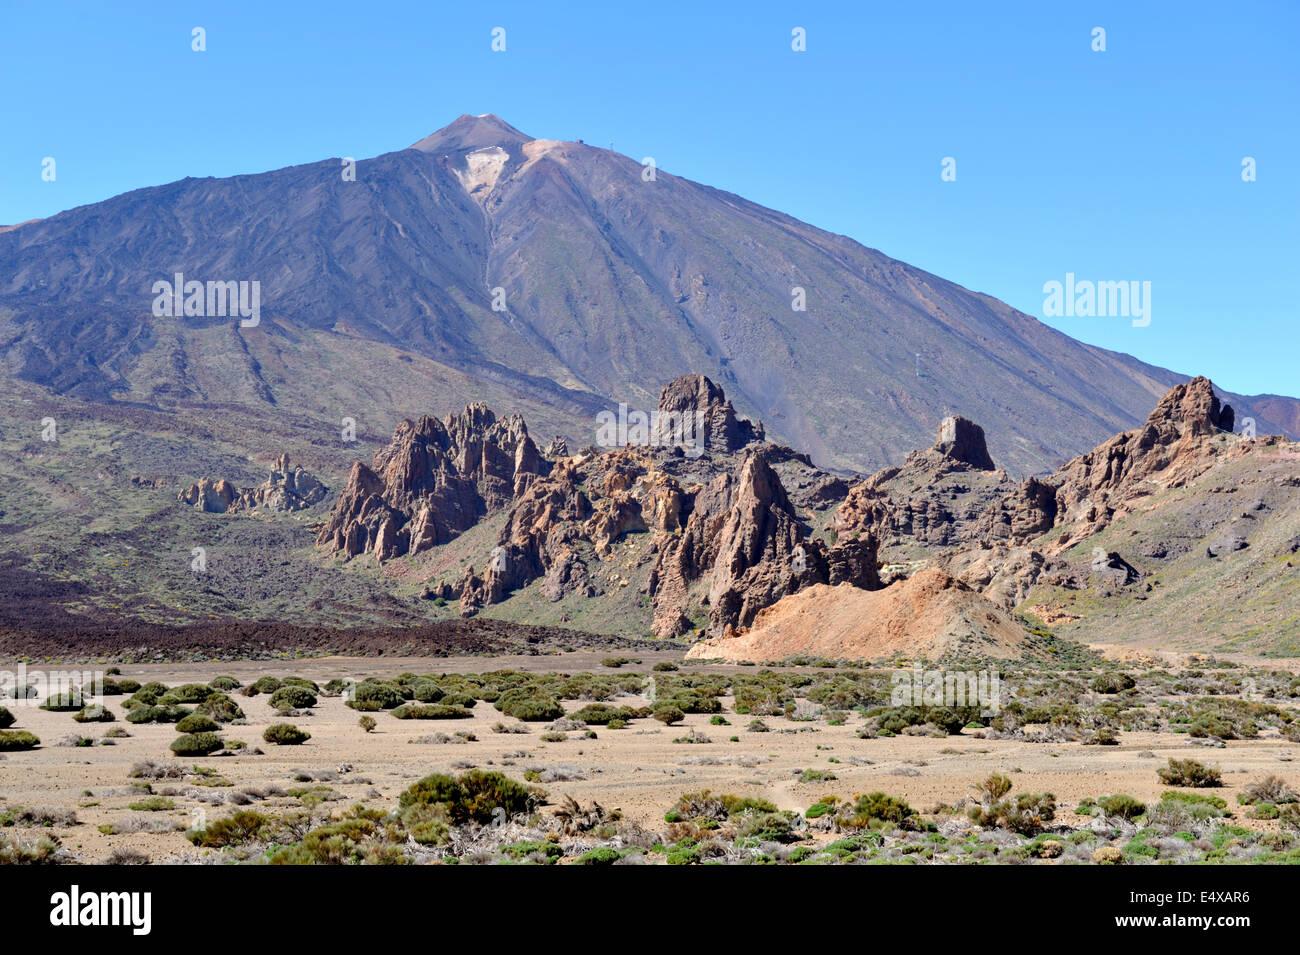 Mount Teide Vulkan Nationalpark mit Lava Flow und Collapes Caldera im Vordergrund, Teneriffa Stockbild